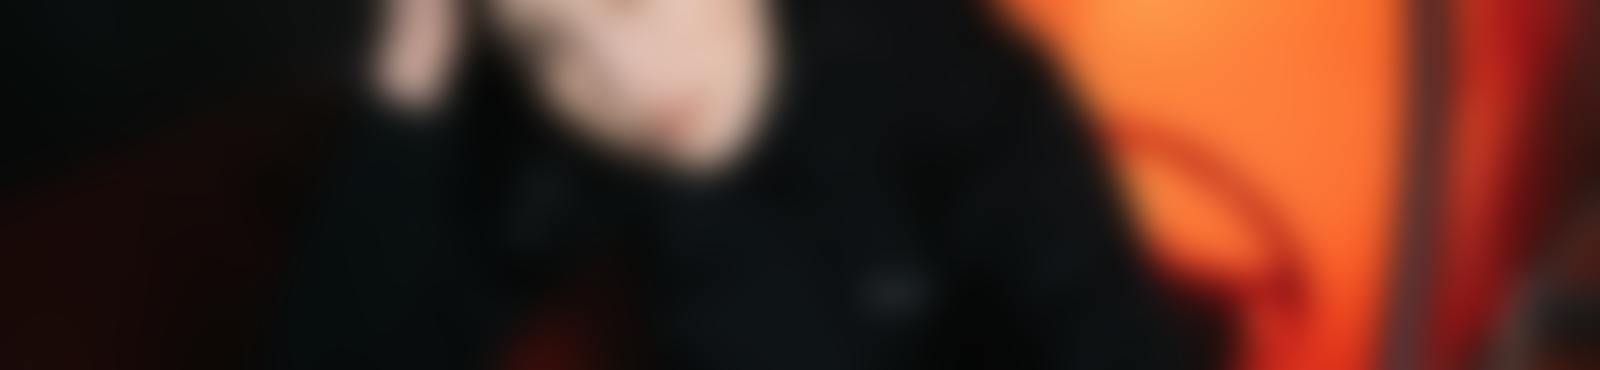 Blurred 035fab6d 01bf 41cf 9e84 4e14c5902bdd